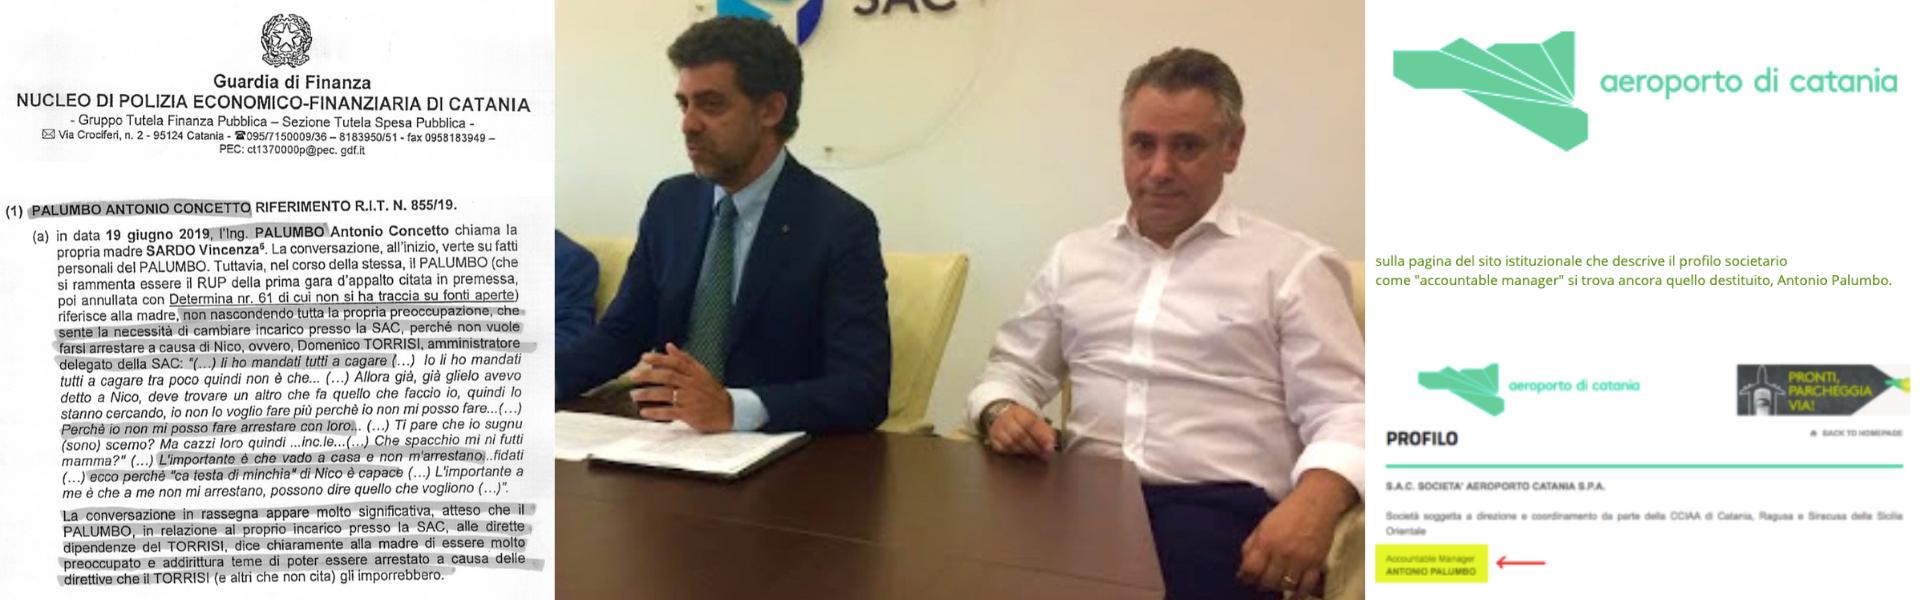 Sac-aeroporto Catania: in 36 mesi 64 mila euro di...sedie a rotelle. Affidamenti diretti, of course